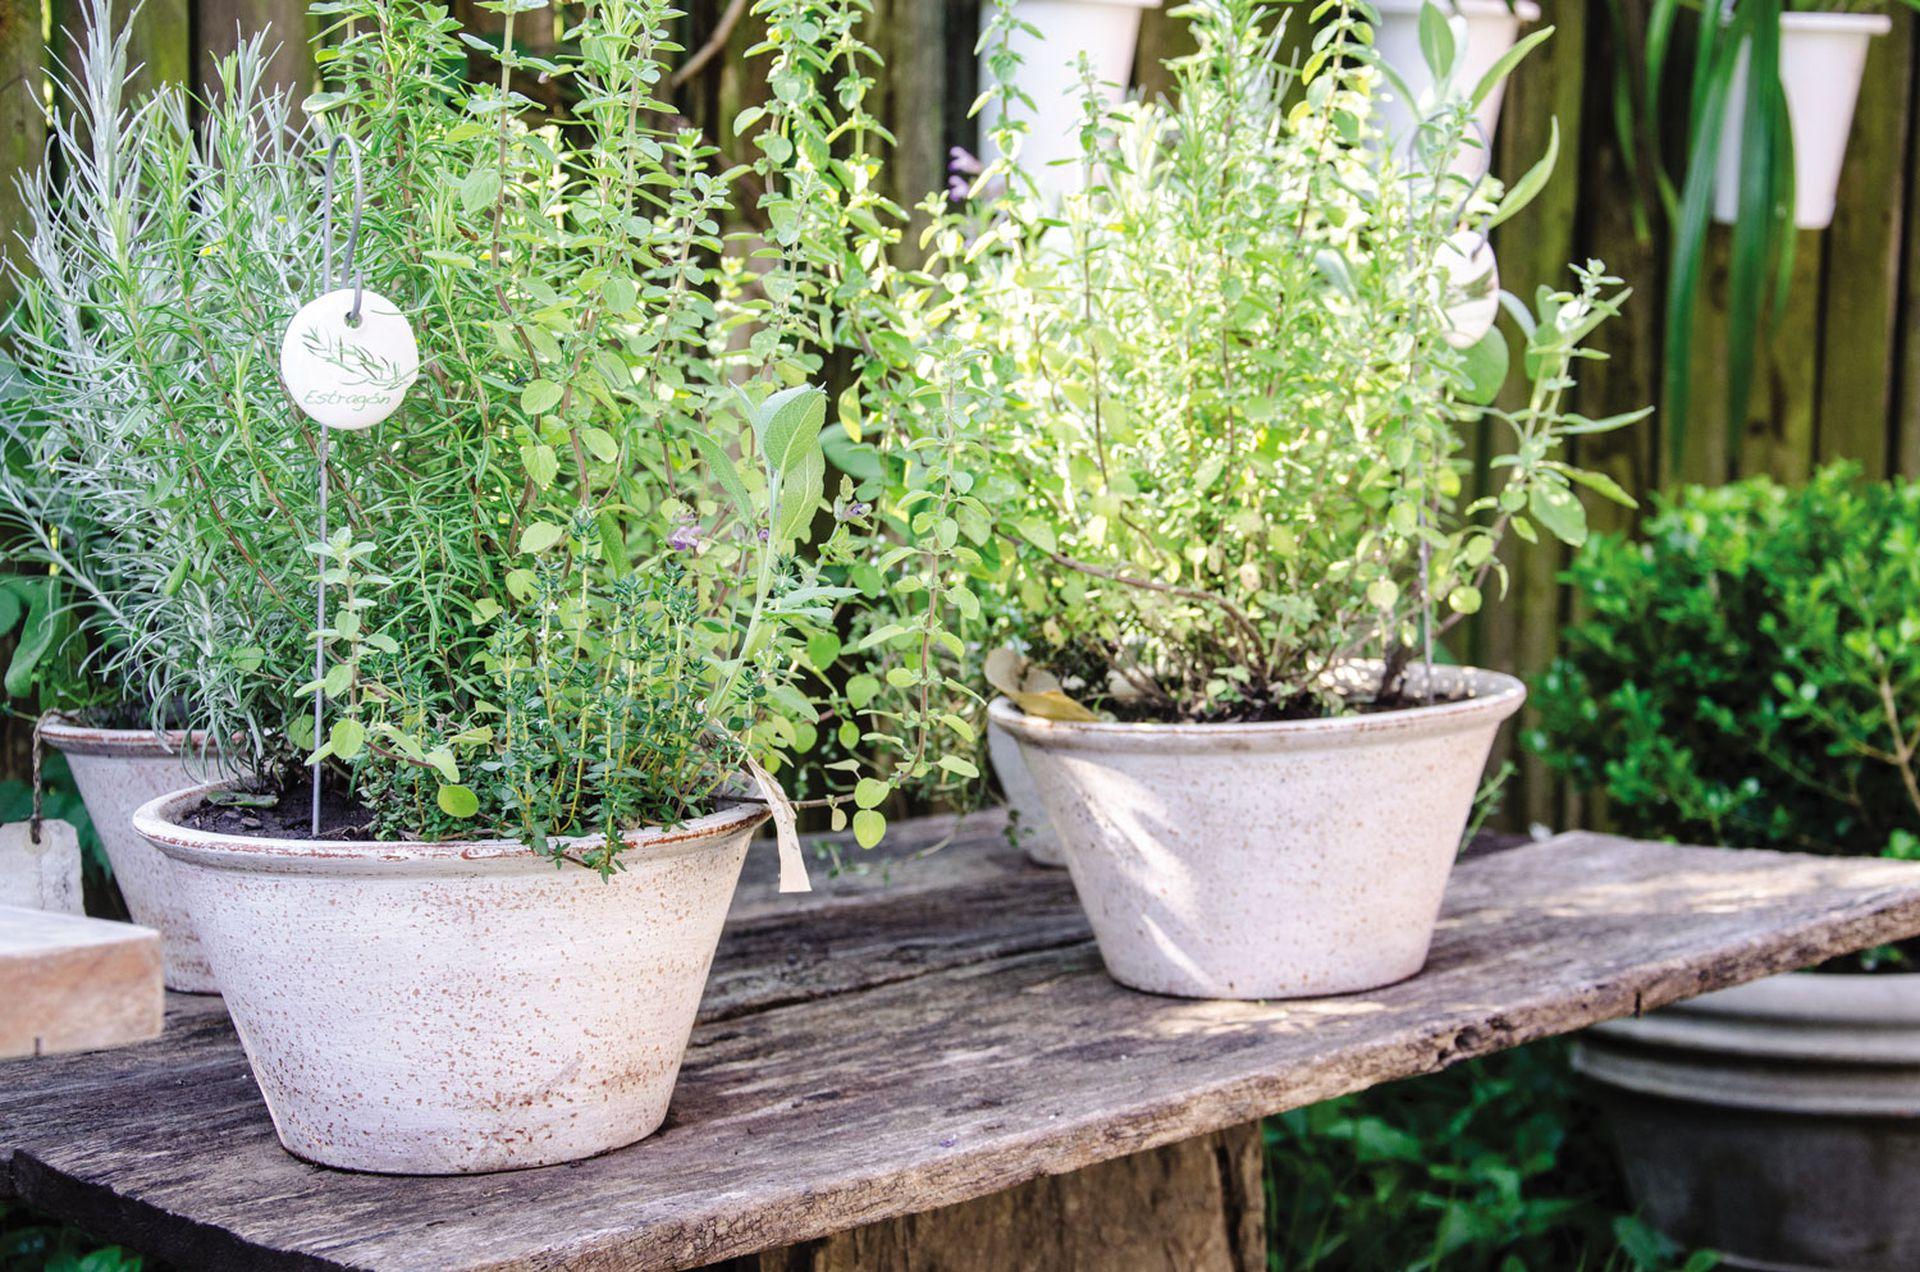 Aprender a conservar plantas aromáticas permite tener siempre a mano hierbas en la cocina.